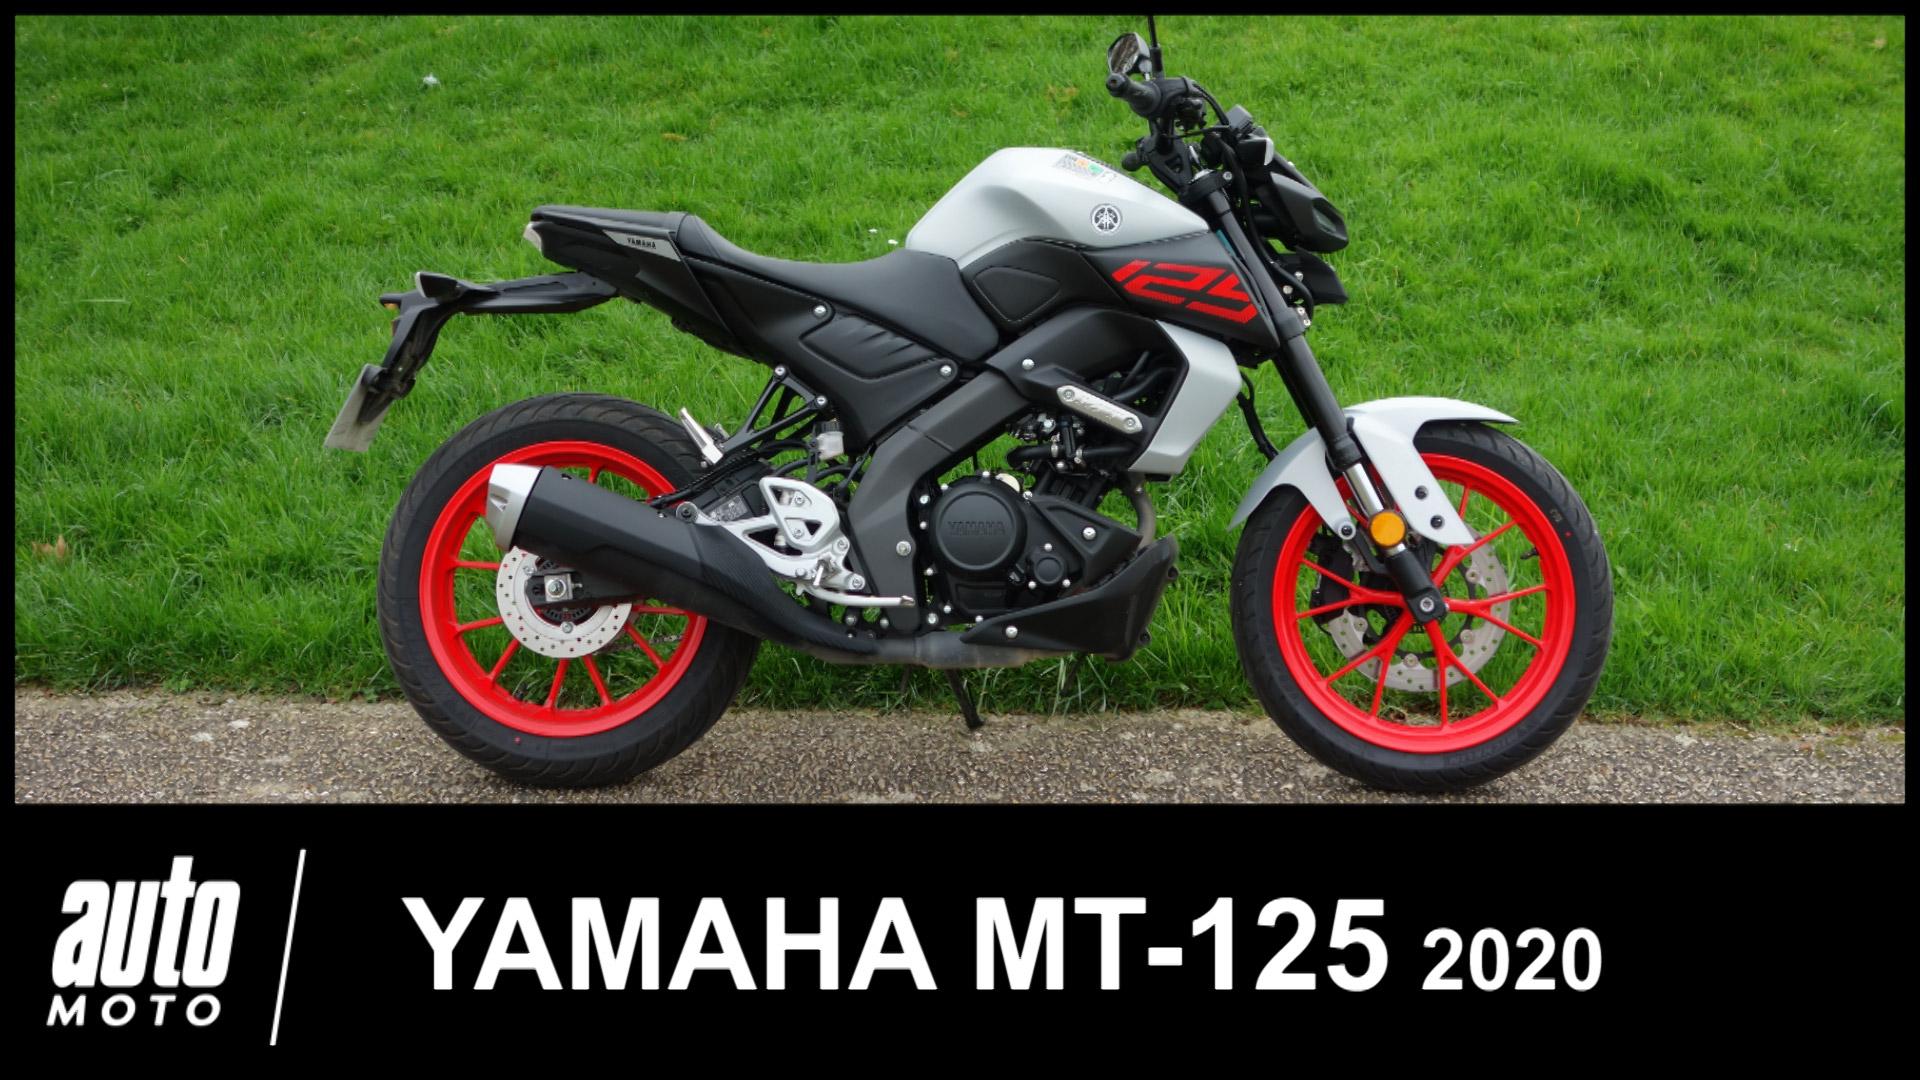 Yamaha MT-125 2020 Essai POV Auto-Moto.com